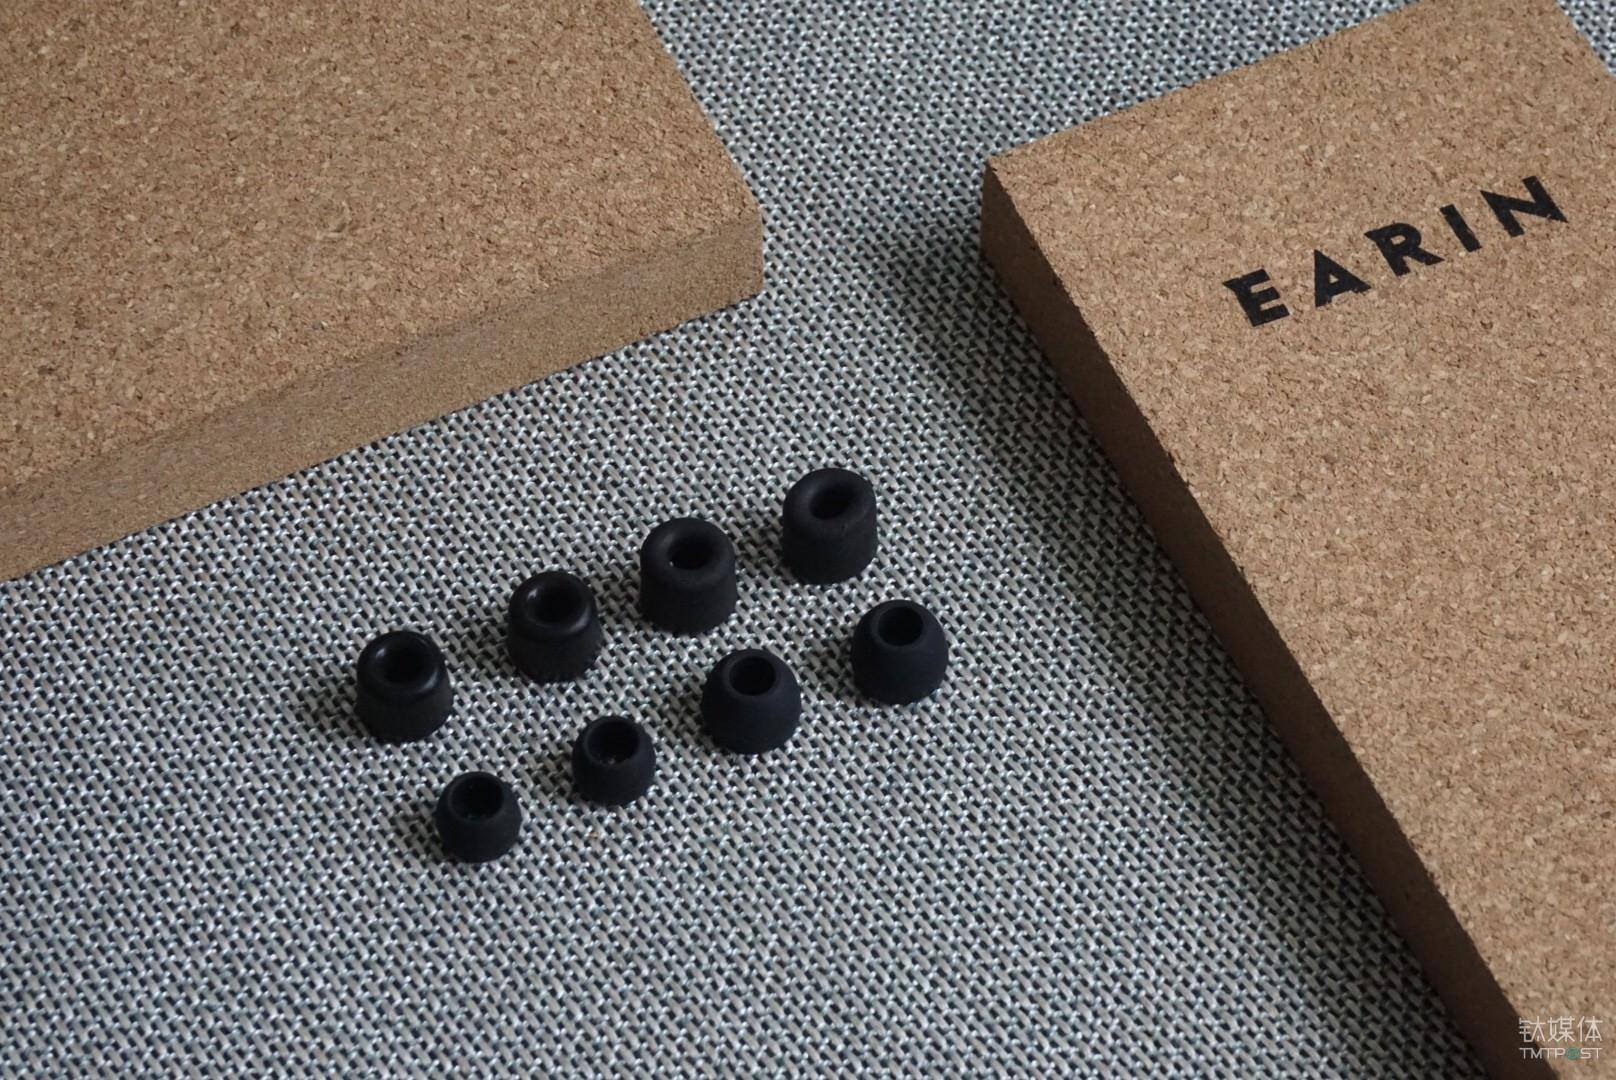 作为一款高端的无分体蓝牙耳机,三对不同尺寸的Earin专用隔音记忆海绵耳套 及一对优质硅胶耳套